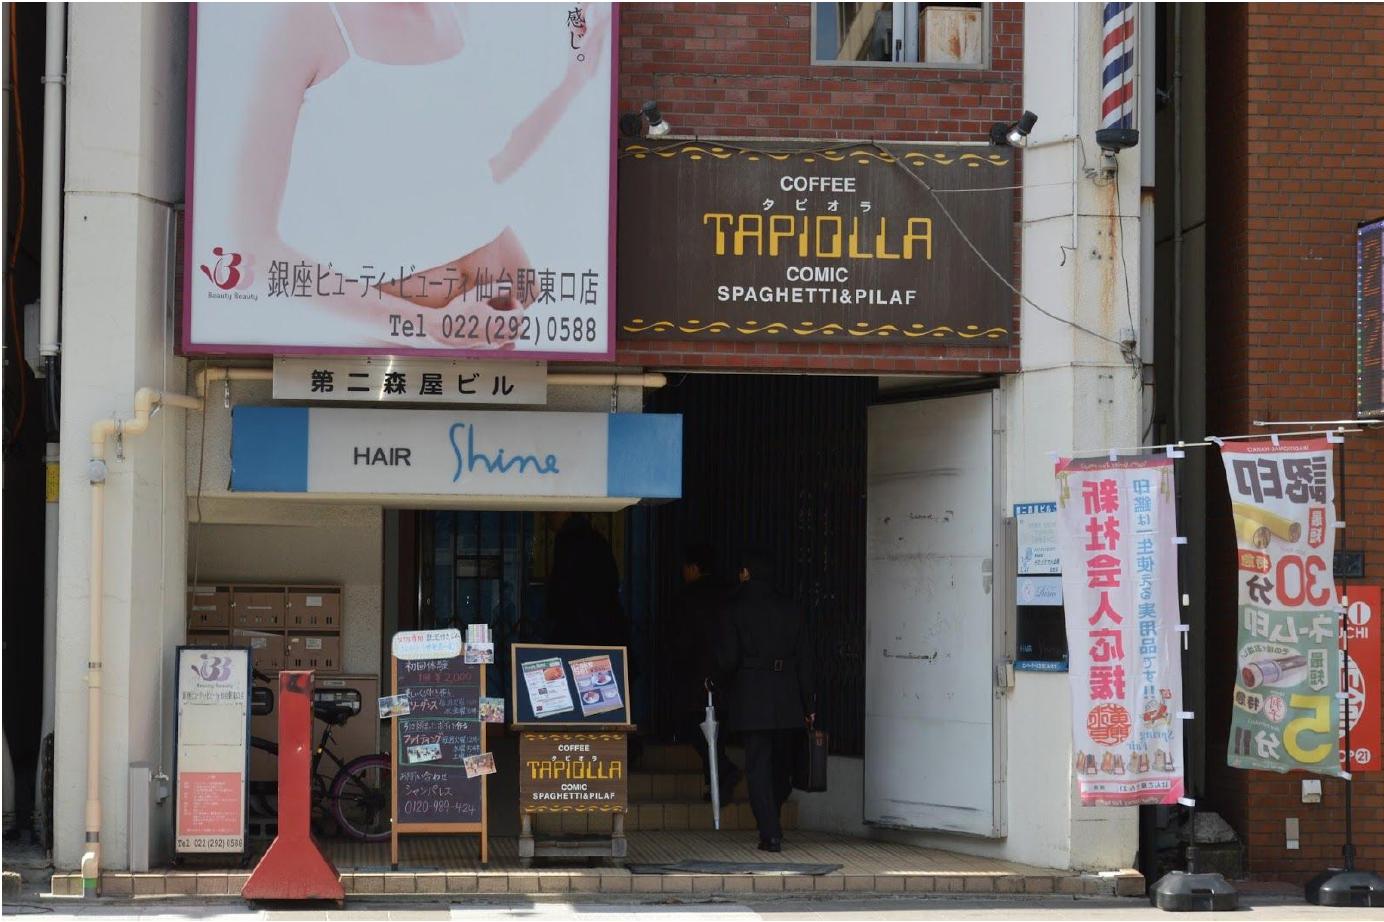 タピオラの店舗外観